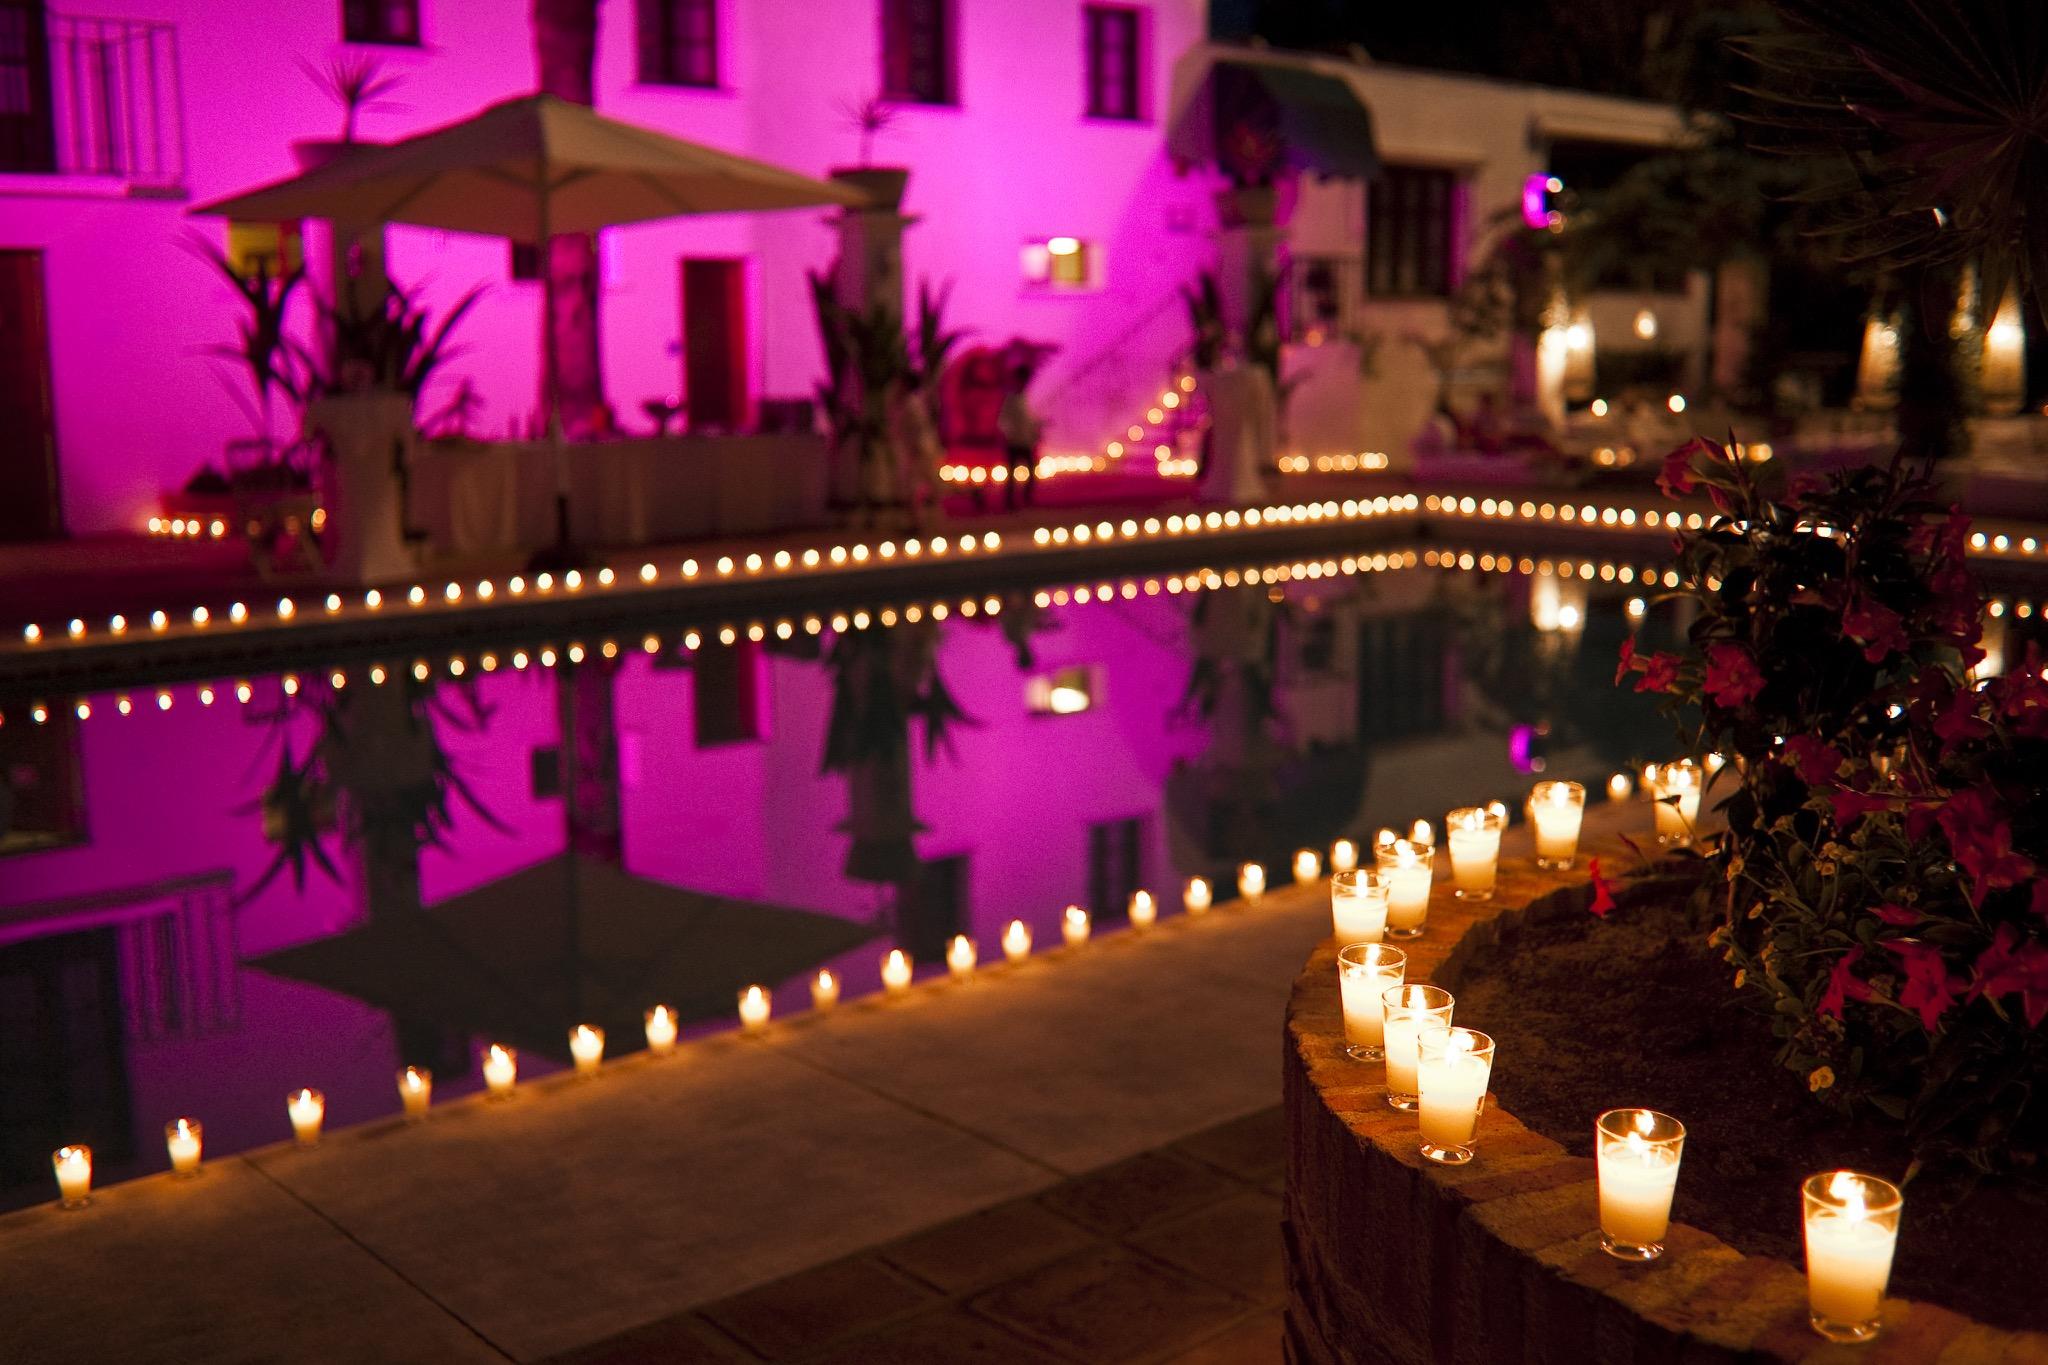 Si-Quiero-Wedding-Planner-By-Sira-Antequera-Bodas-Málaga-Marbella-Miami- Alba-ManuelK-4